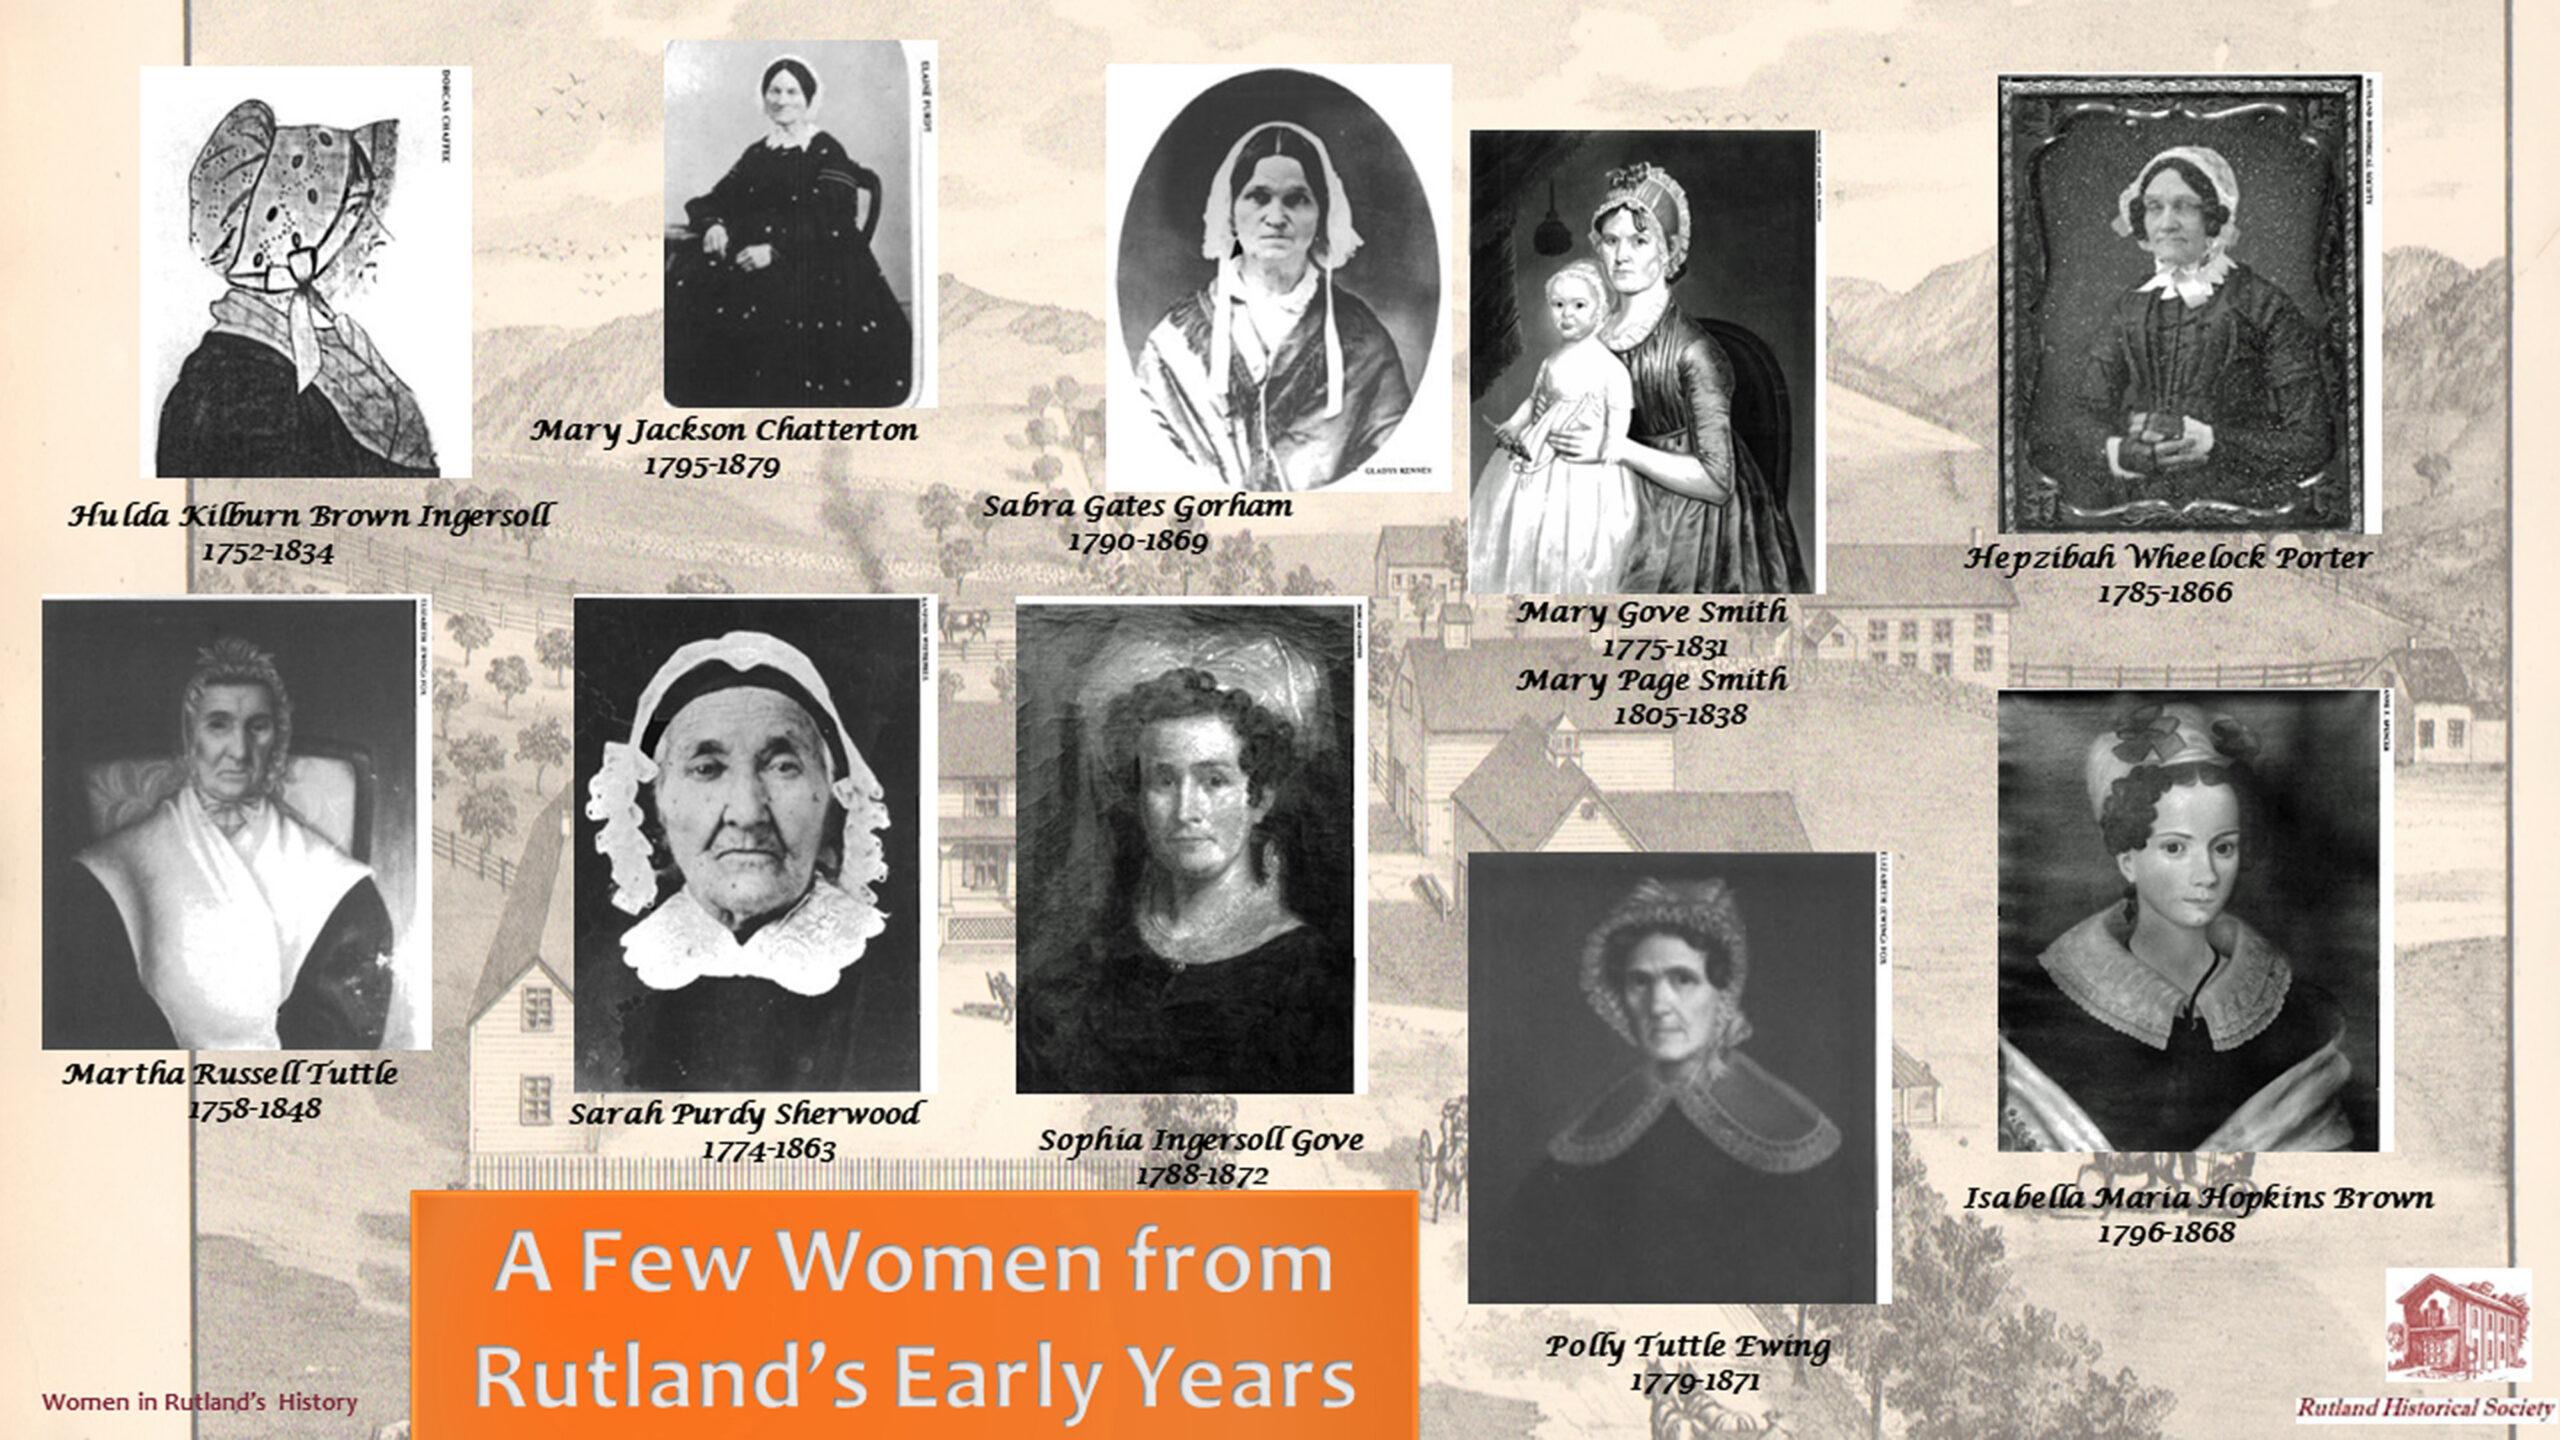 March 2021 Women in Early Rutland History